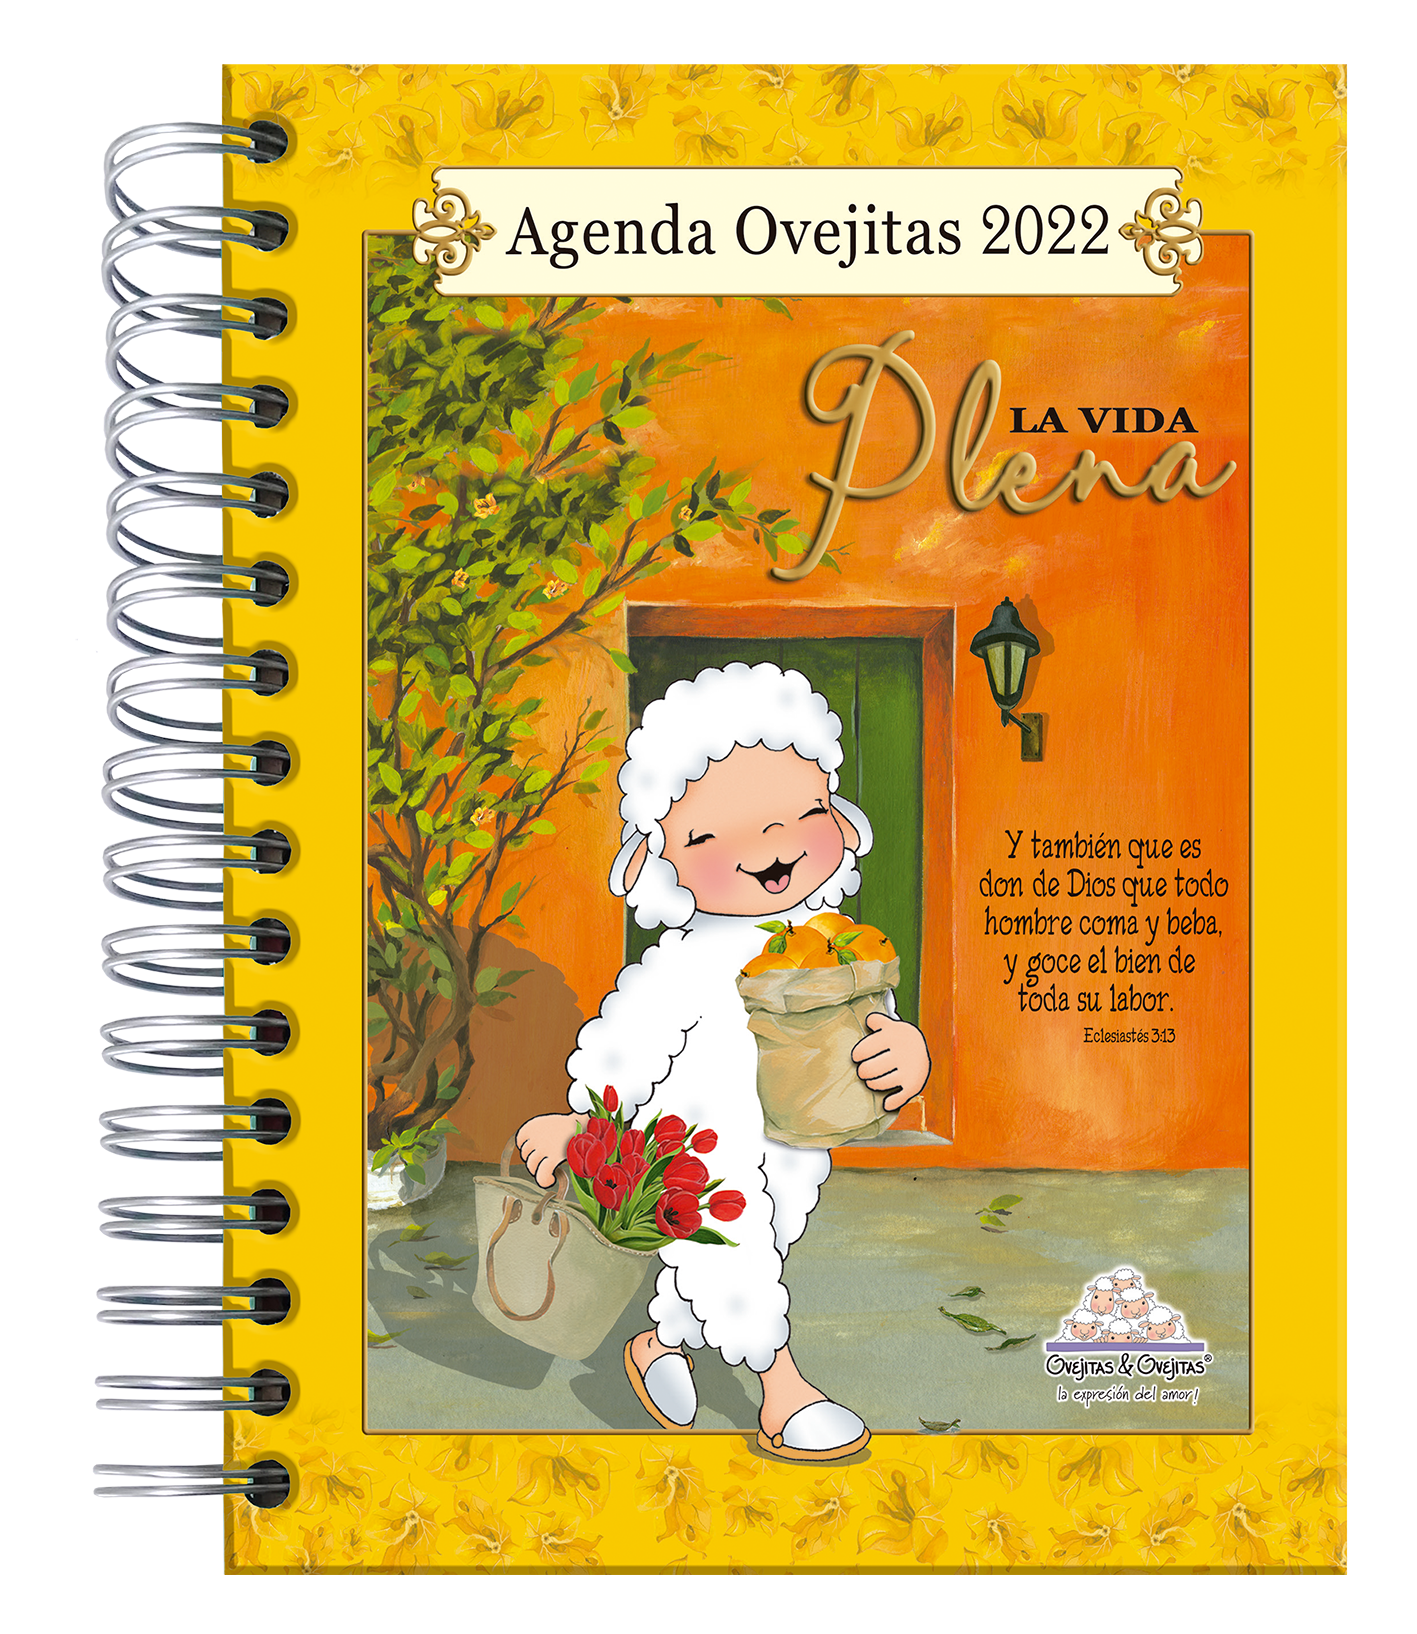 Ovejitas 2022 - La Vida Plena